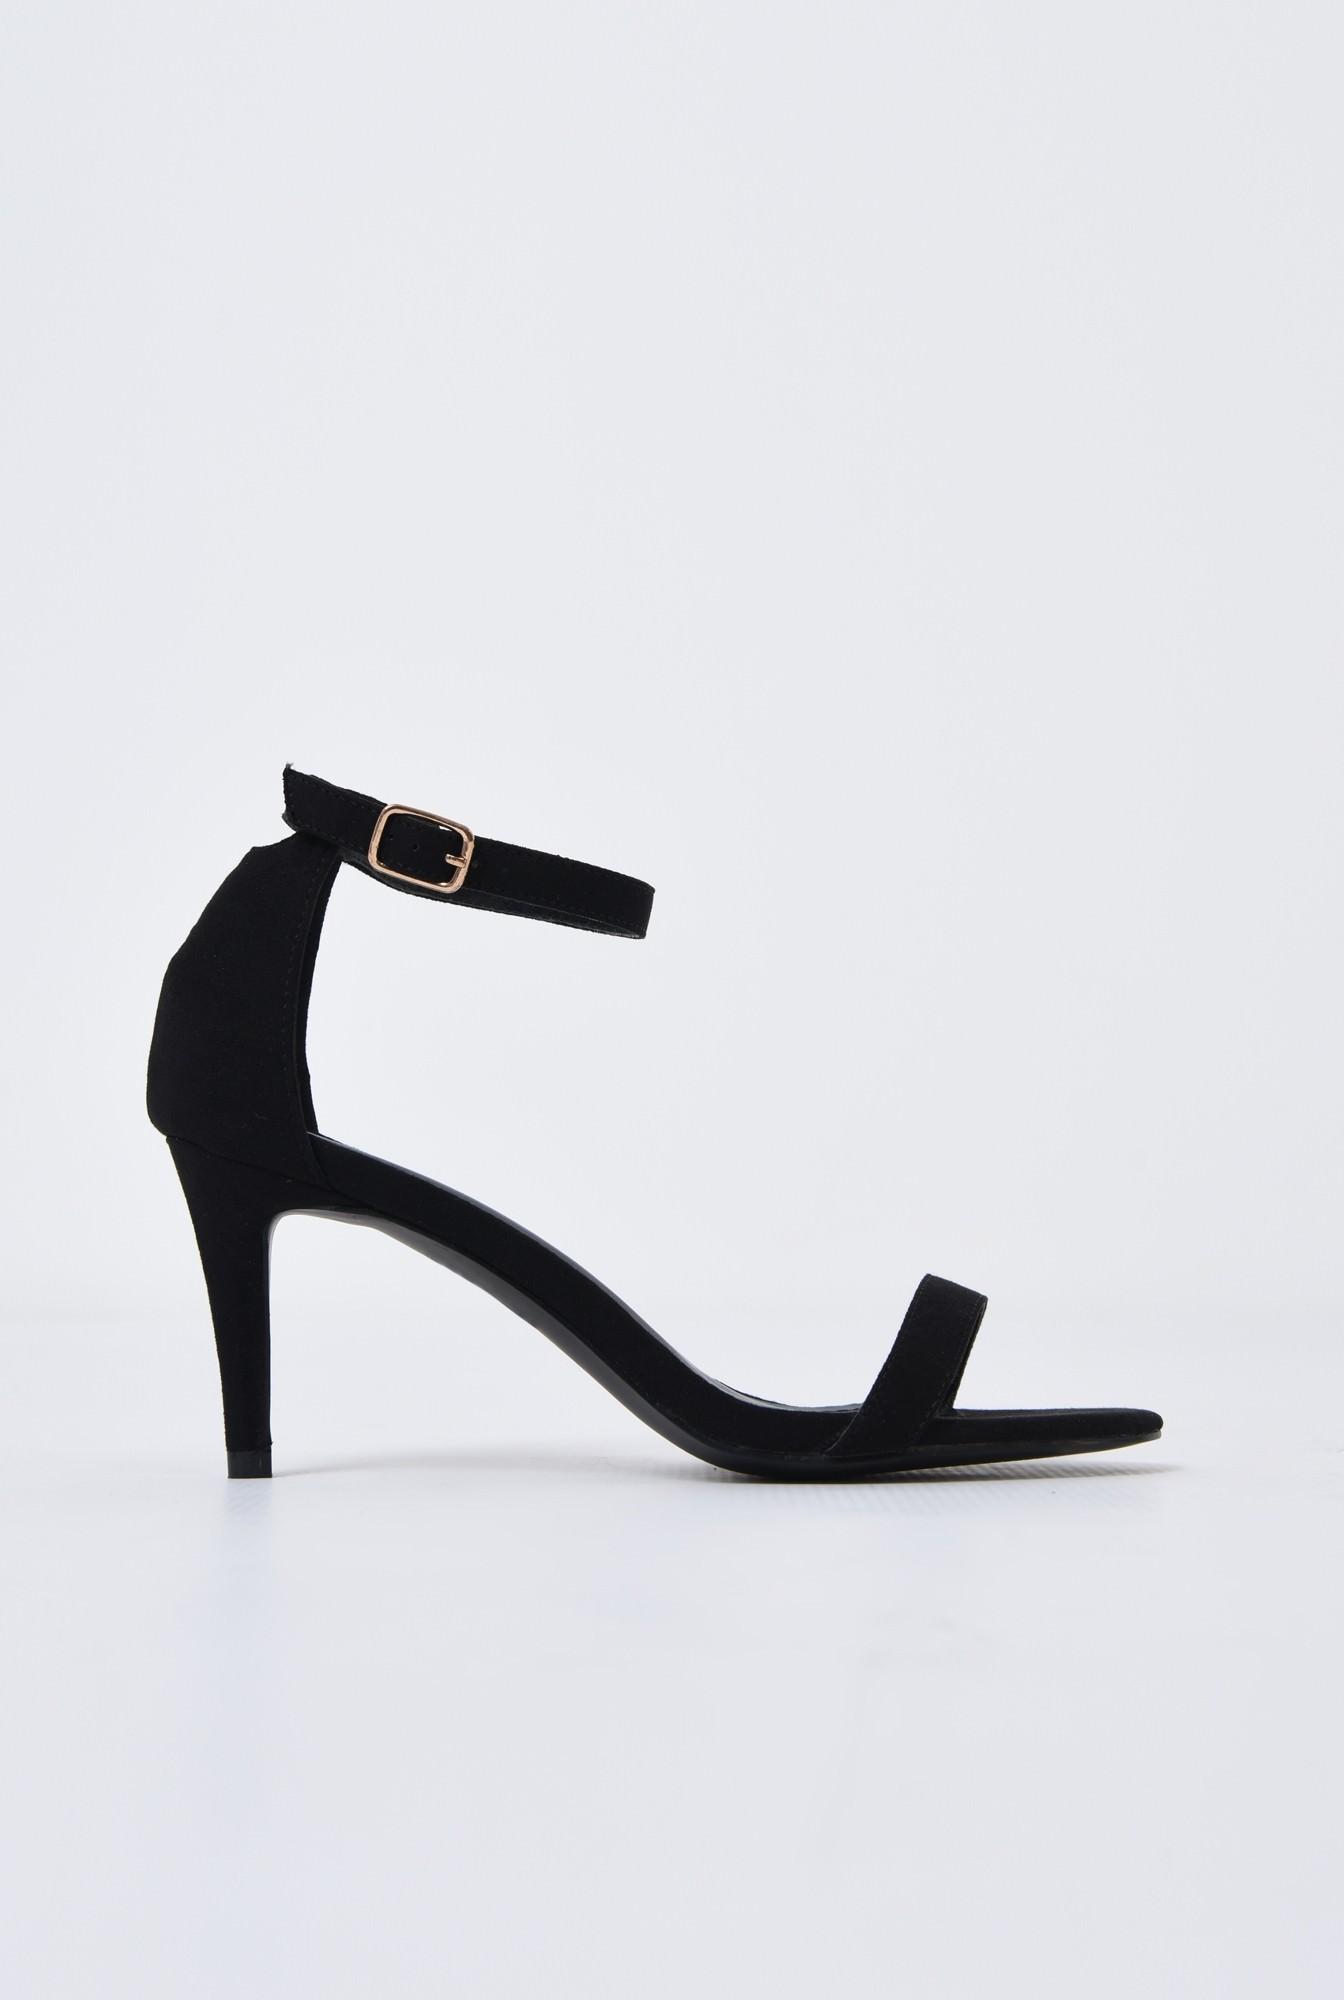 0 - sandale elegante, din catifea, cu toc stiletto